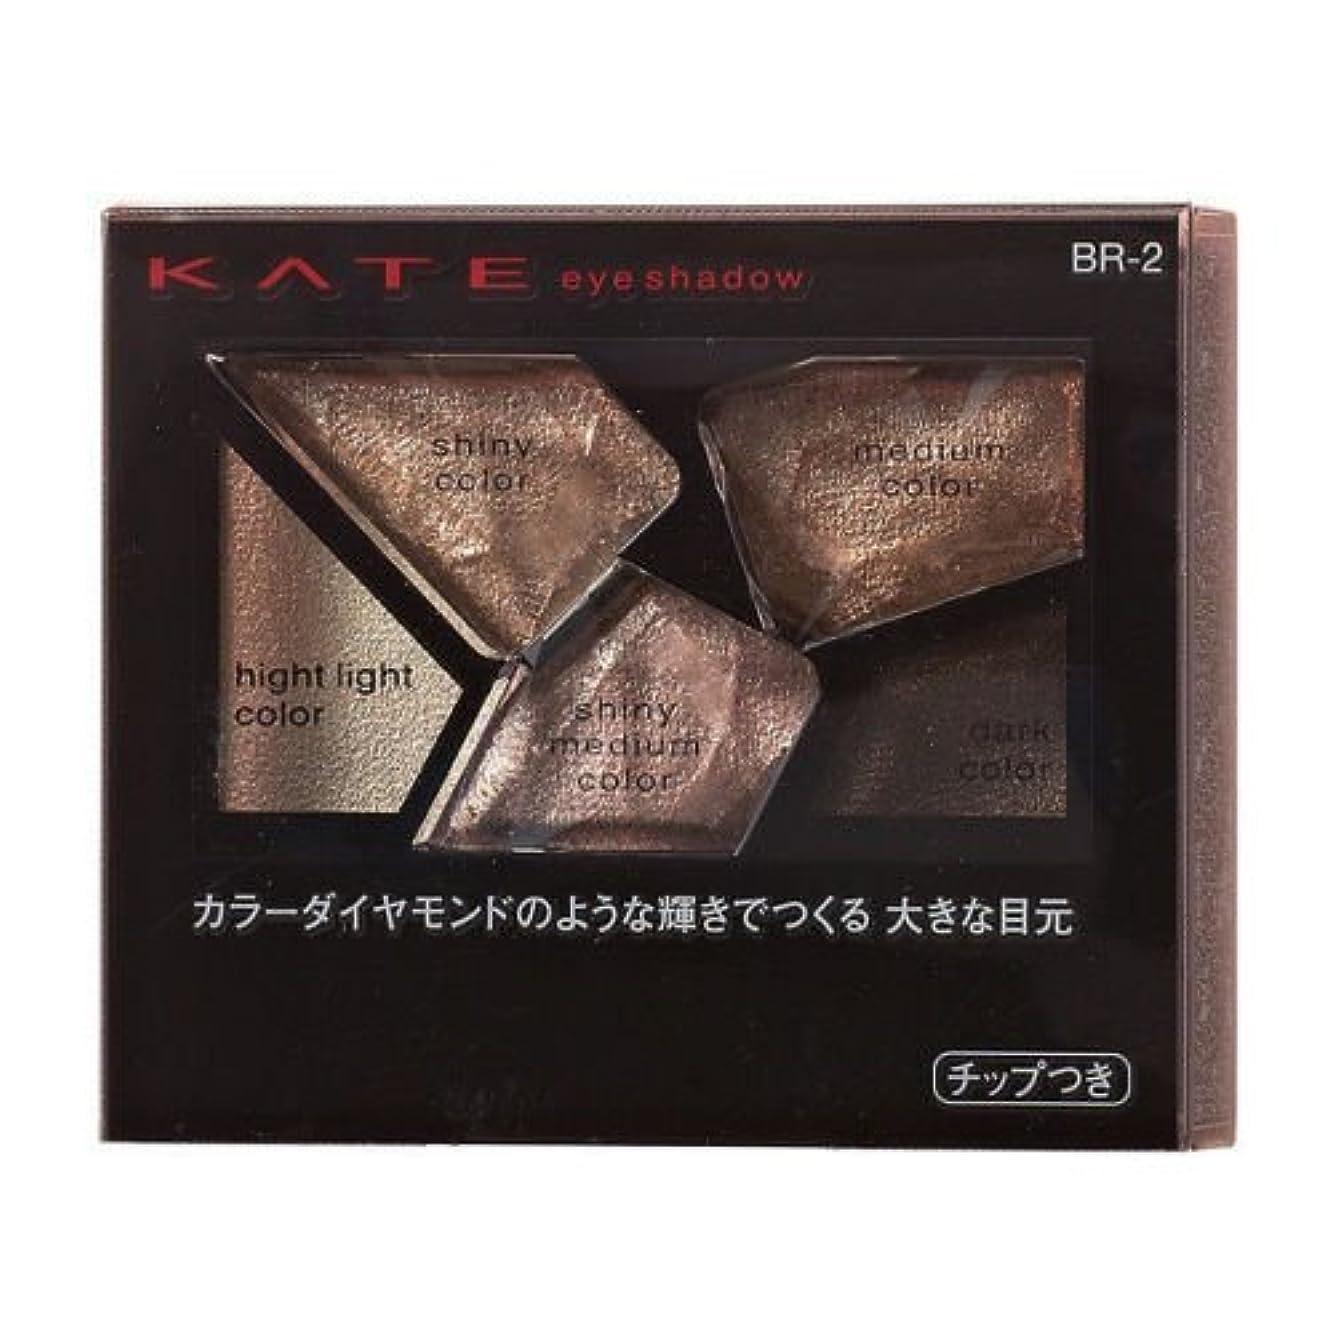 クリーナースラム街苦【カネボウ】ケイト カラーシャスダイヤモンド #BR-2 2.8g